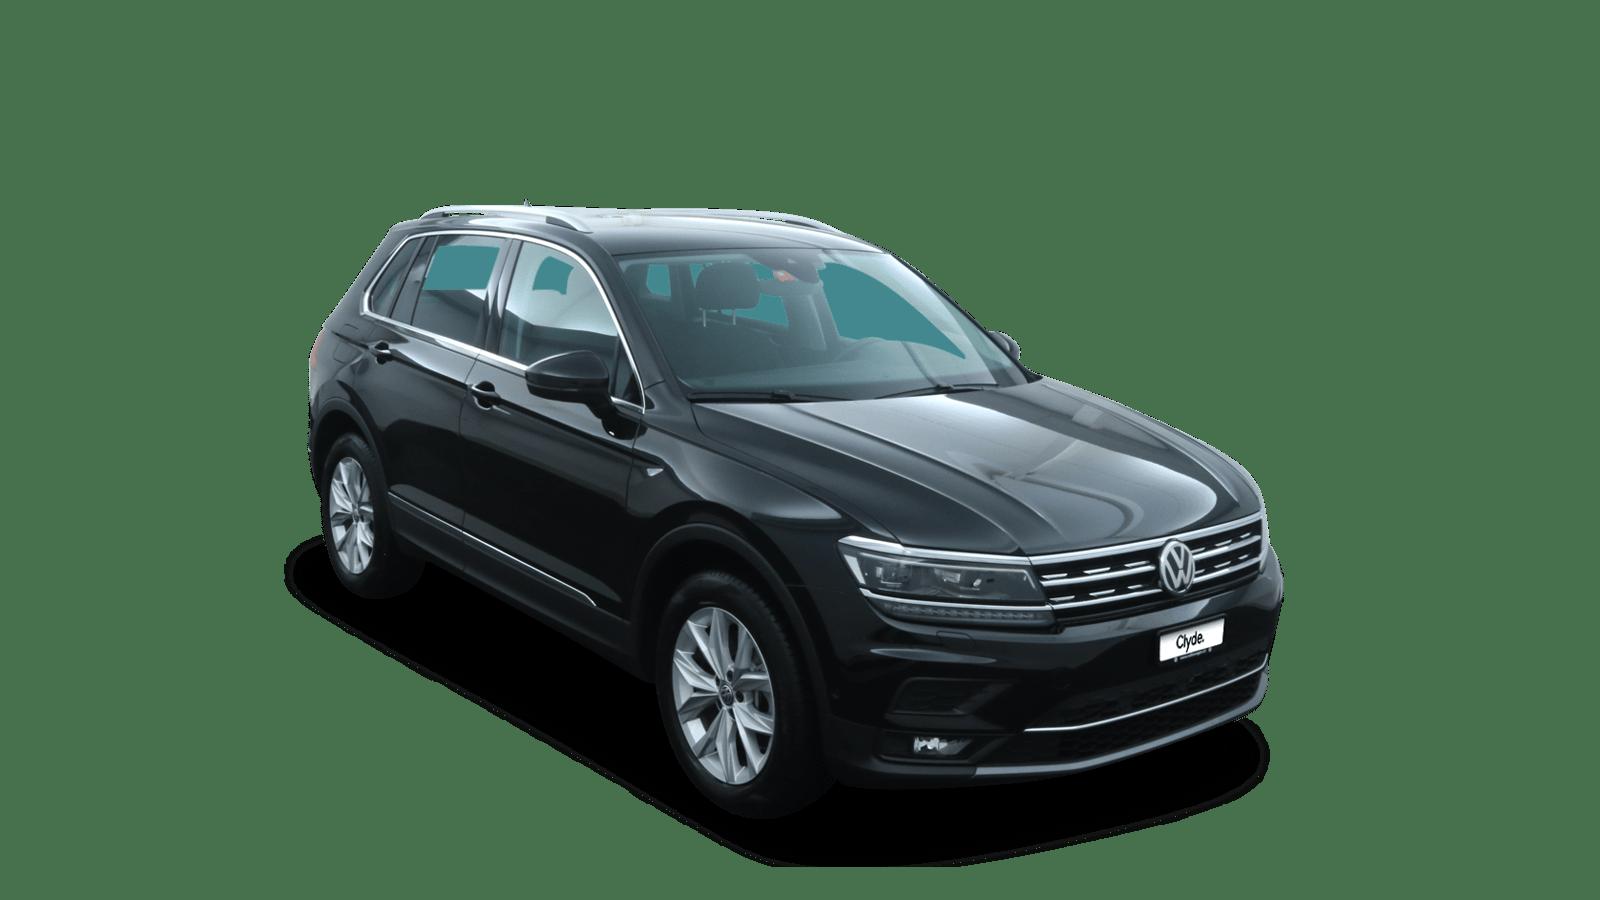 VW Tiguan Schwarz front - Clyde Auto-Abo